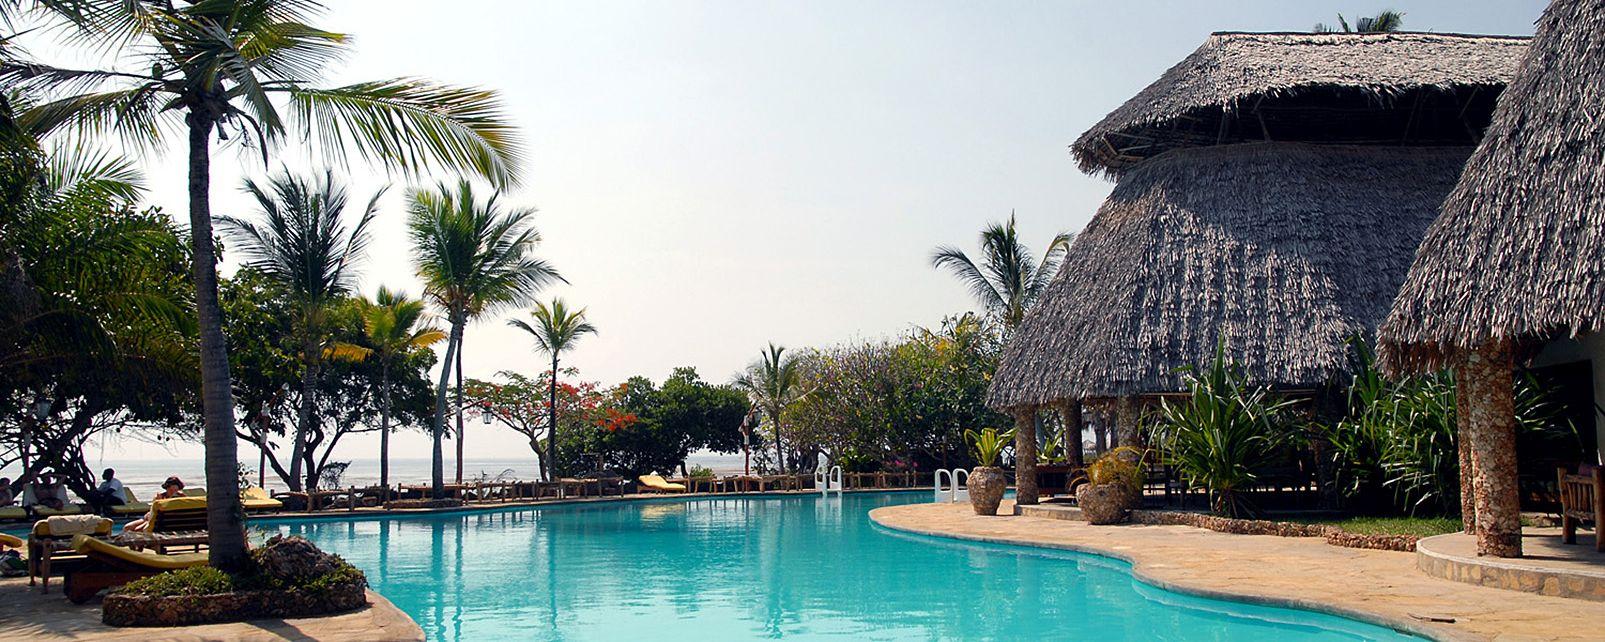 Hôtel Kivulini Beach Resort